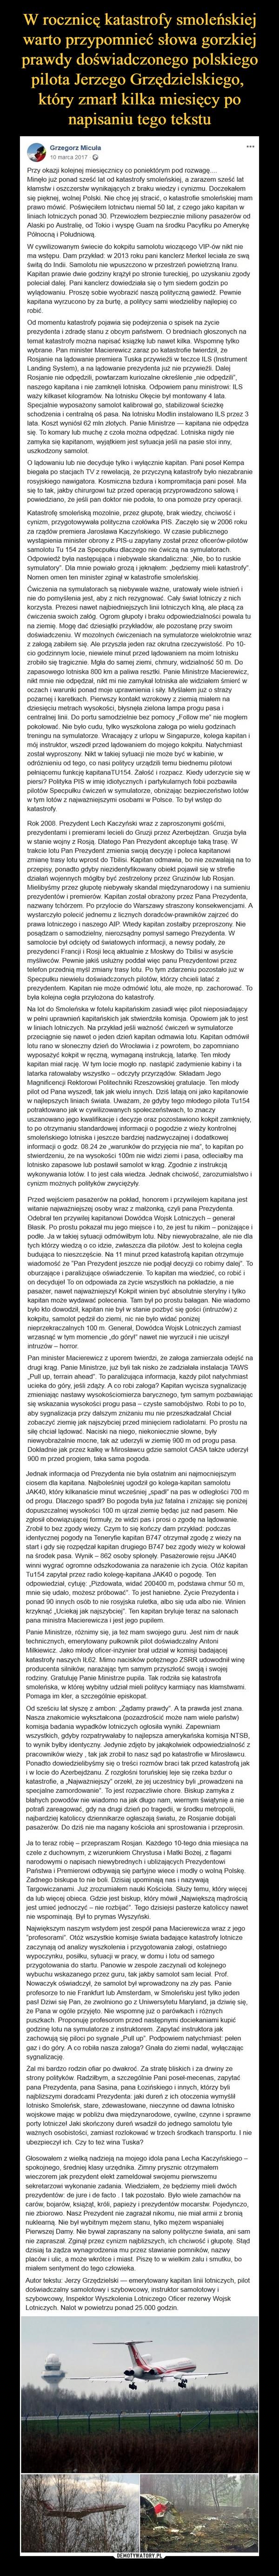 """–  Grzegorz Micuła10 marca 2017 ·Przy okazji kolejnej miesięcznicy co poniektórym pod rozwagę....Minęło już ponad sześć lat od katastrofy smoleńskiej, a zarazem sześć lat kłamstw i oszczerstw wynikających z braku wiedzy i cynizmu. Doczekałem się pięknej, wolnej Polski. Nie chcę jej stracić, o katastrofie smoleńskiej mam prawo mówić. Poświęciłem lotnictwu niemal 50 lat, z czego jako kapitan w liniach lotniczych ponad 30. Przewiozłem bezpiecznie miliony pasażerów od Alaski po Australię, od Tokio i wyspę Guam na środku Pacyfiku po Amerykę Północną i Południową.W cywilizowanym świecie do kokpitu samolotu wiozącego VIP-ów nikt nie ma wstępu. Dam przykład: w 2013 roku pani kanclerz Merkel leciała ze swą świtą do Indii. Samolotu nie wpuszczono w przestrzeń powietrzną Iranu. Kapitan prawie dwie godziny krążył po stronie tureckiej, po uzyskaniu zgody poleciał dalej. Pani kanclerz dowiedziała się o tym siedem godzin po wylądowaniu. Proszę sobie wyobrazić naszą polityczną gawiedź. Pewnie kapitana wyrzucono by za burtę, a politycy sami wiedzieliby najlepiej co robić.Od momentu katastrofy pojawia się podejrzenia o spisek na życie prezydenta i zdradę stanu z obcym państwem. O bredniach głoszonych na temat katastrofy można napisać książkę lub nawet kilka. Wspomnę tylko wybrane. Pan minister Macierewicz zaraz po katastrofie twierdził, że Rosjanie na lądowanie premiera Tuska przywieźli w teczce ILS (Instrument Landing System), a na lądowanie prezydenta już nie przywieźli. Dalej Rosjanie nie odpędzili, powtarzam kuriozalne określenie """"nie odpędzili"""", naszego kapitana i nie zamknęli lotniska. Odpowiem panu ministrowi: ILS waży kilkaset kilogramów. Na lotnisku Okęcie był montowany 4 lata. Specjalnie wyposażony samolot kalibrował go, stabilizował ścieżkę schodzenia i centralną oś pasa. Na lotnisku Modlin instalowano ILS przez 3 lata. Koszt wyniósł 62 mln złotych. Panie Ministrze — kapitana nie odpędza się. To komary lub muchę z czoła można odpędzać. Lotniska nigdy nie zamyka się kapitan"""